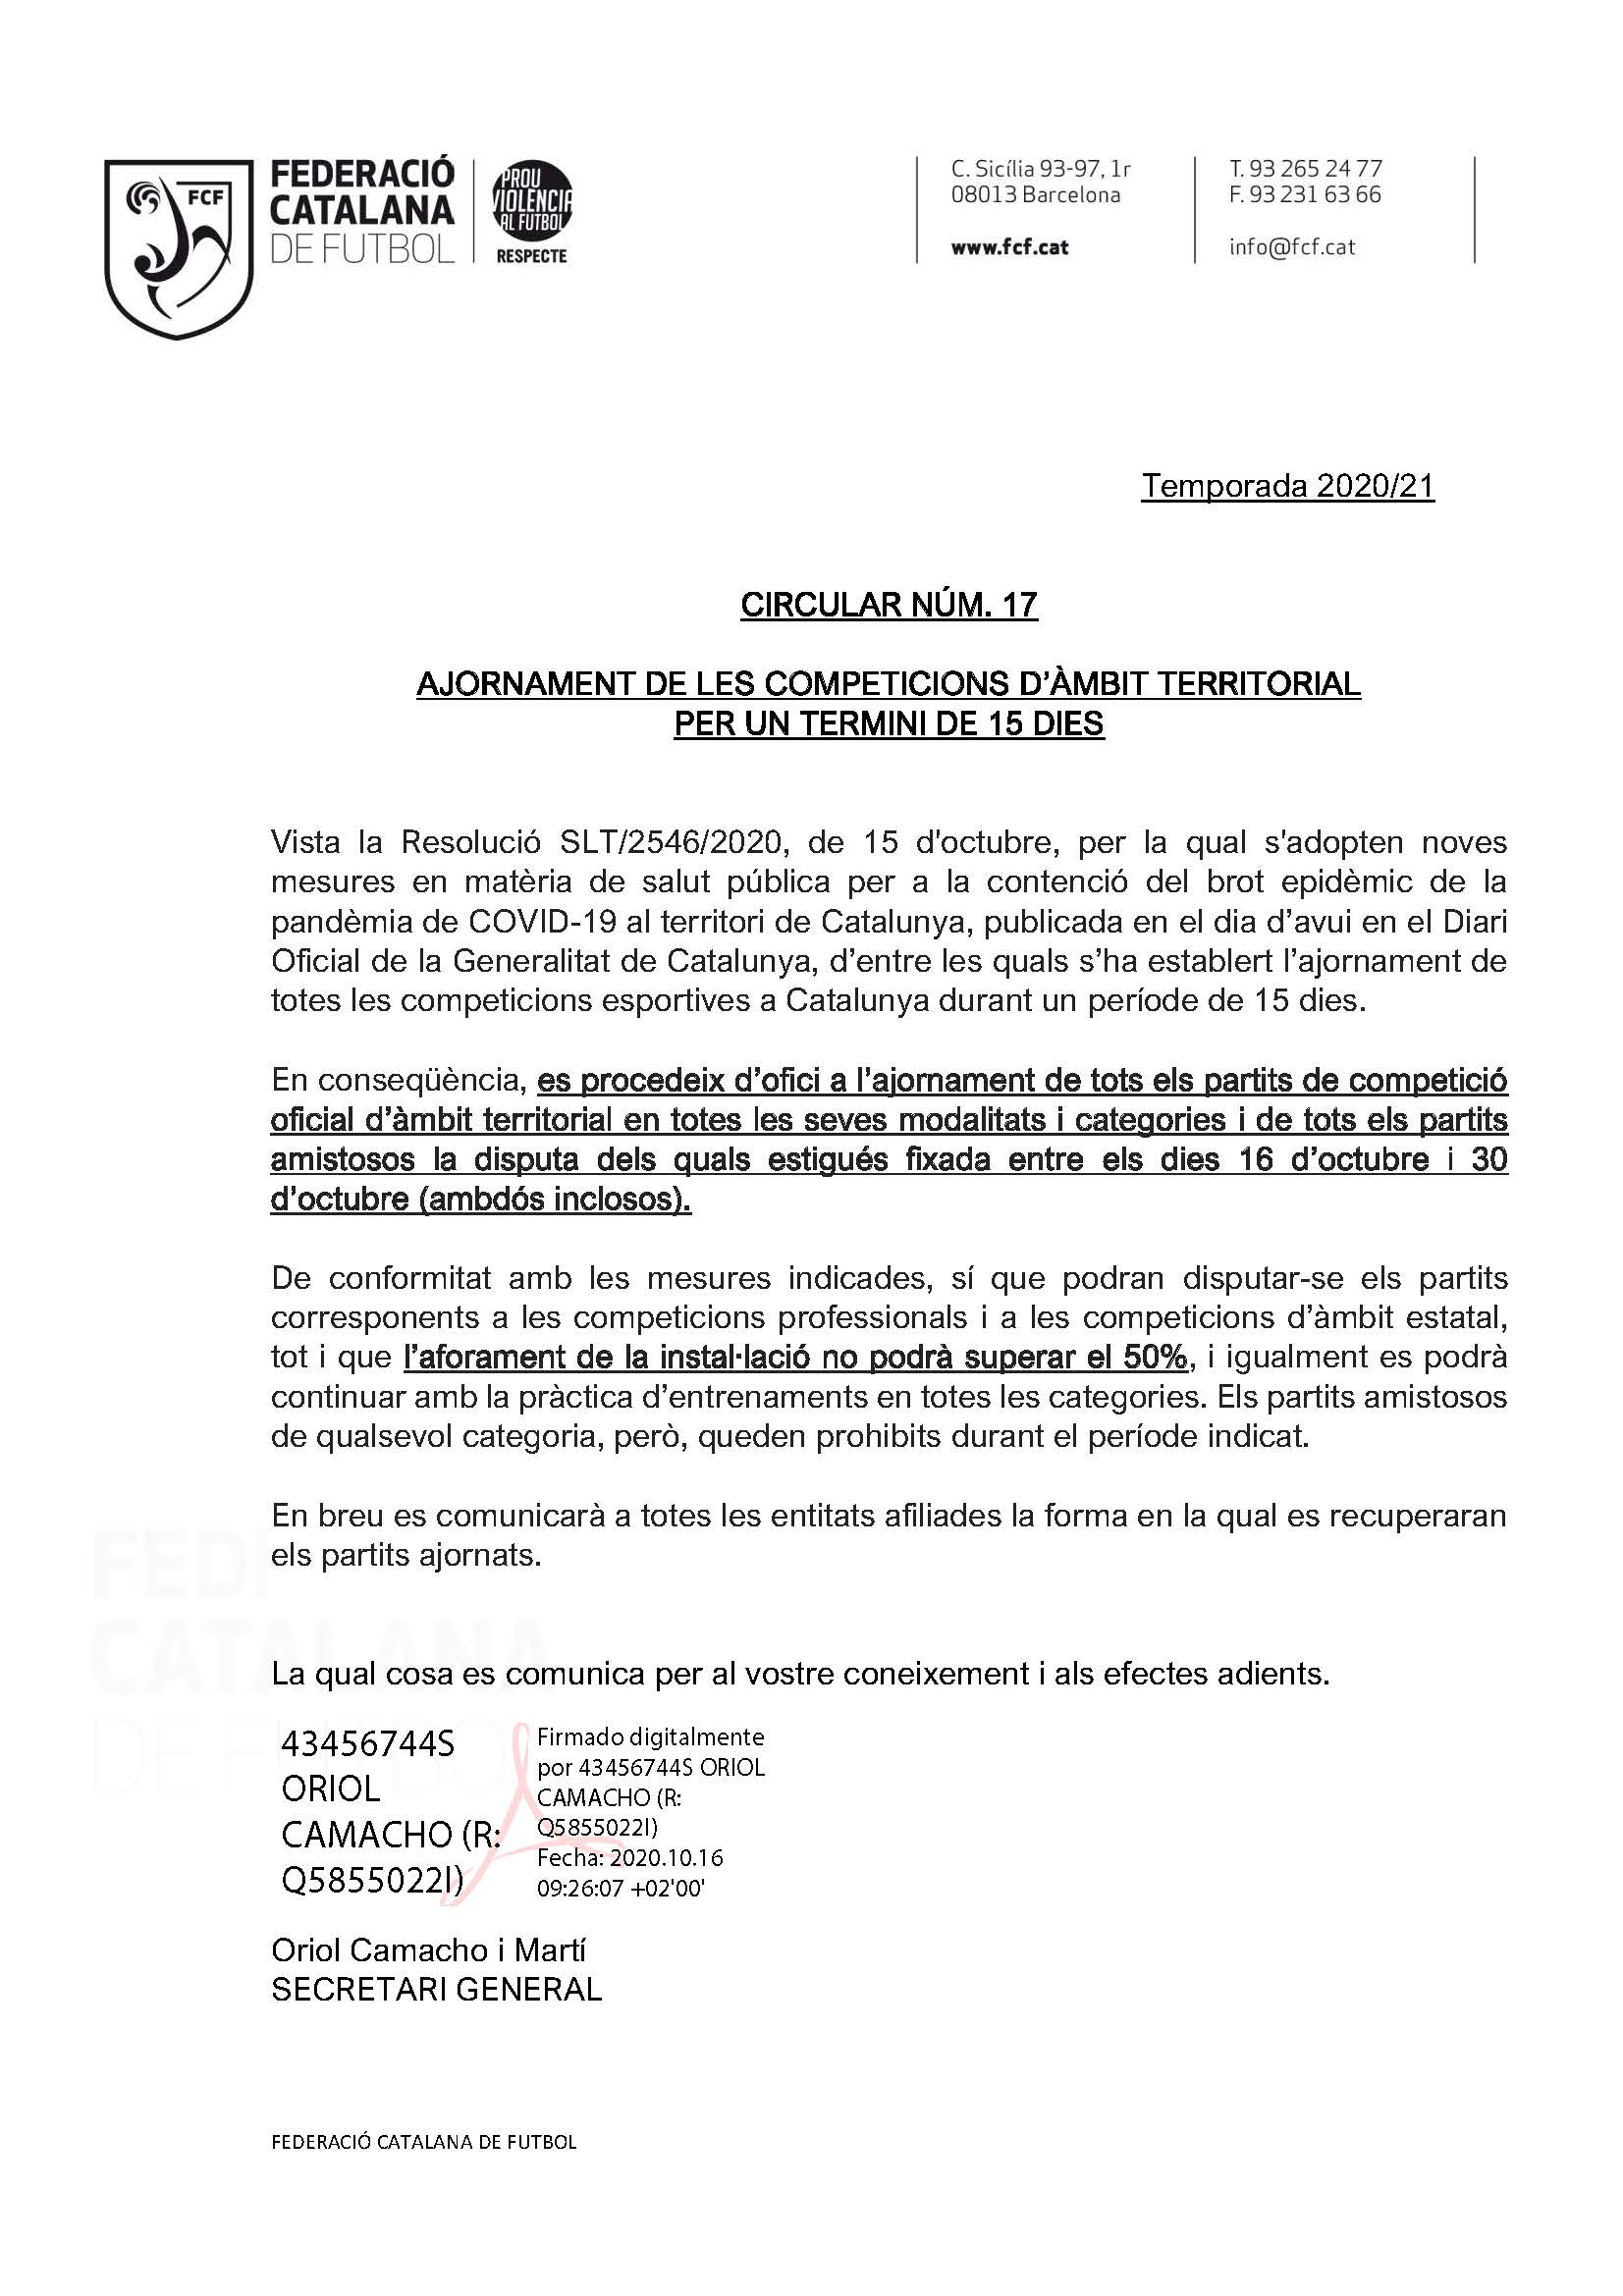 CIRCULAR Nº 17 AJORNAMENT DE LES COMPETICIONS D'ÀMBIT TERRITORIAL PER UN TERMINI DE 15 DIES